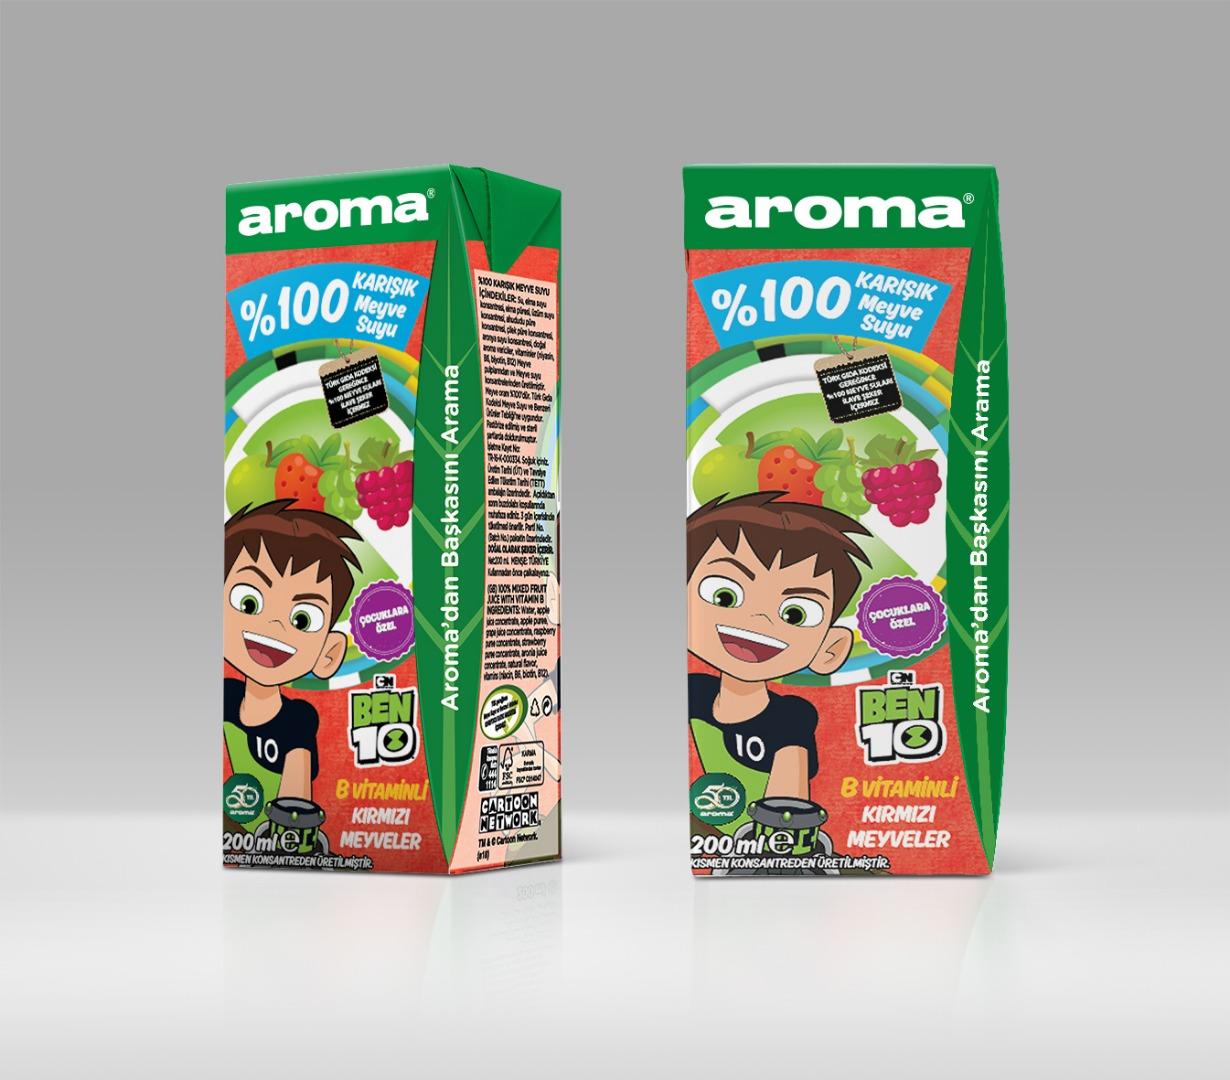 Bu yaz çocuklar da Aroma'dan başkasını aramayacak